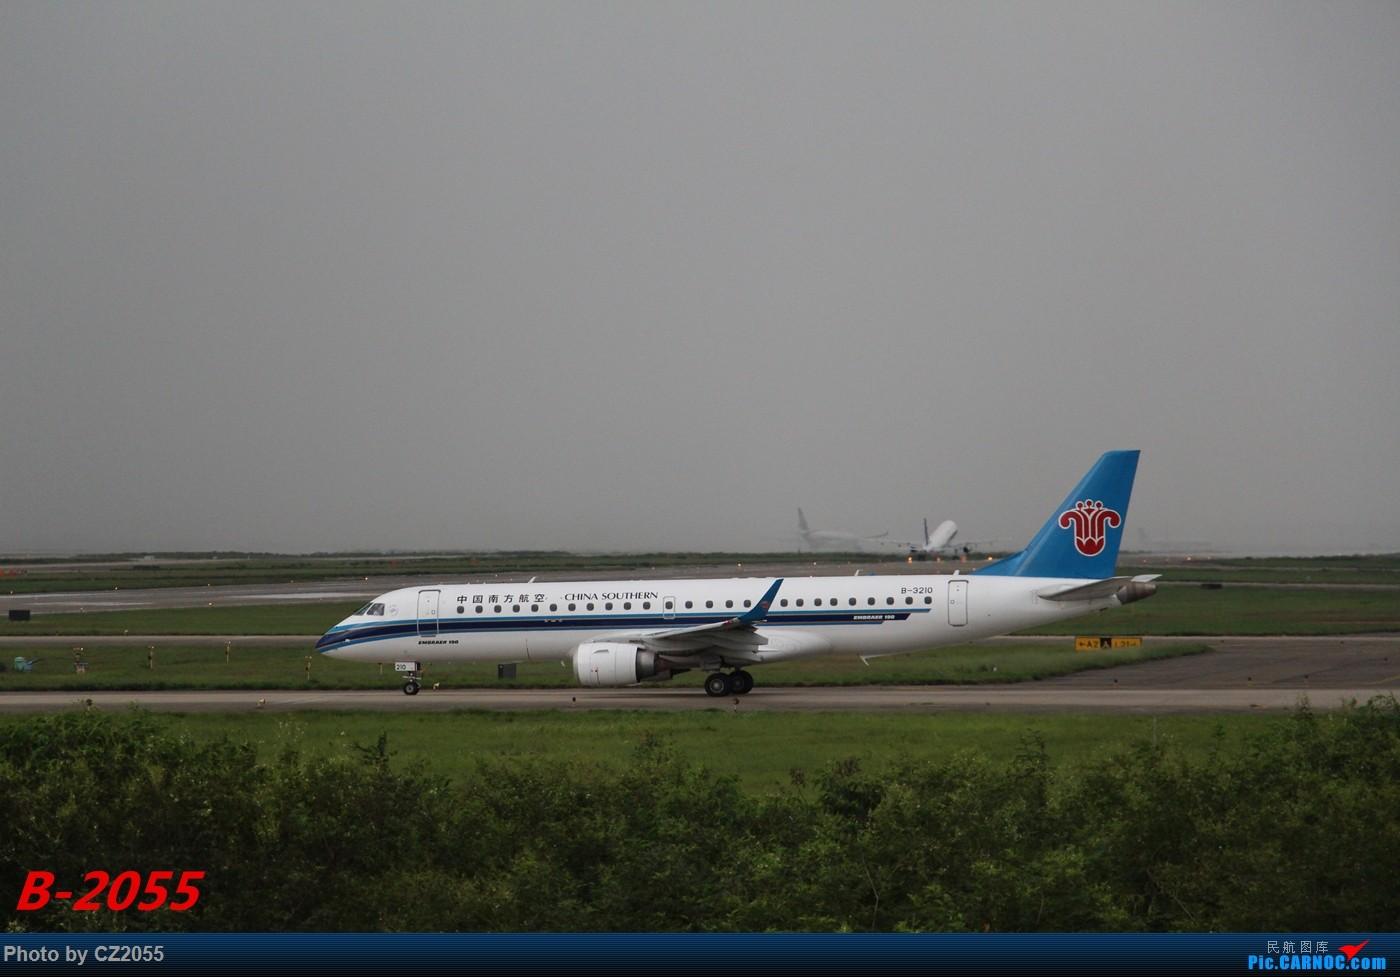 Re:[原创]【广东青少年拍机小队】【C-Z-2055】灰常灰常倒霉的一次拍机! EMBRAER E-190 B-3210 中国广州白云国际机场